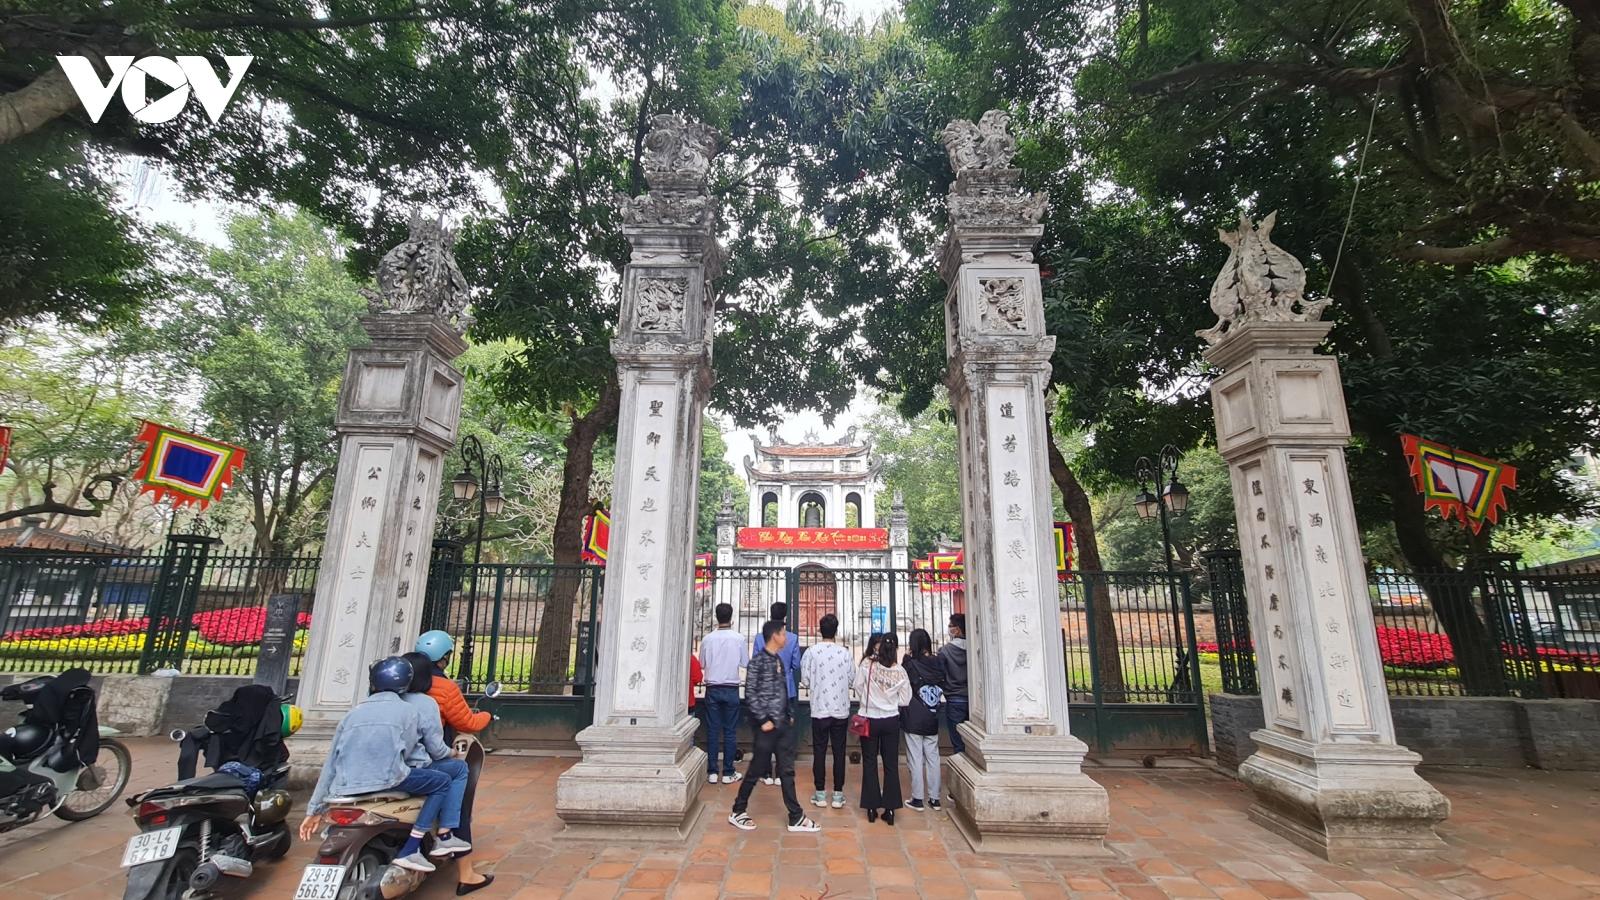 Đền chùa đóng cửa, người dân vẫn đến lễ vọng